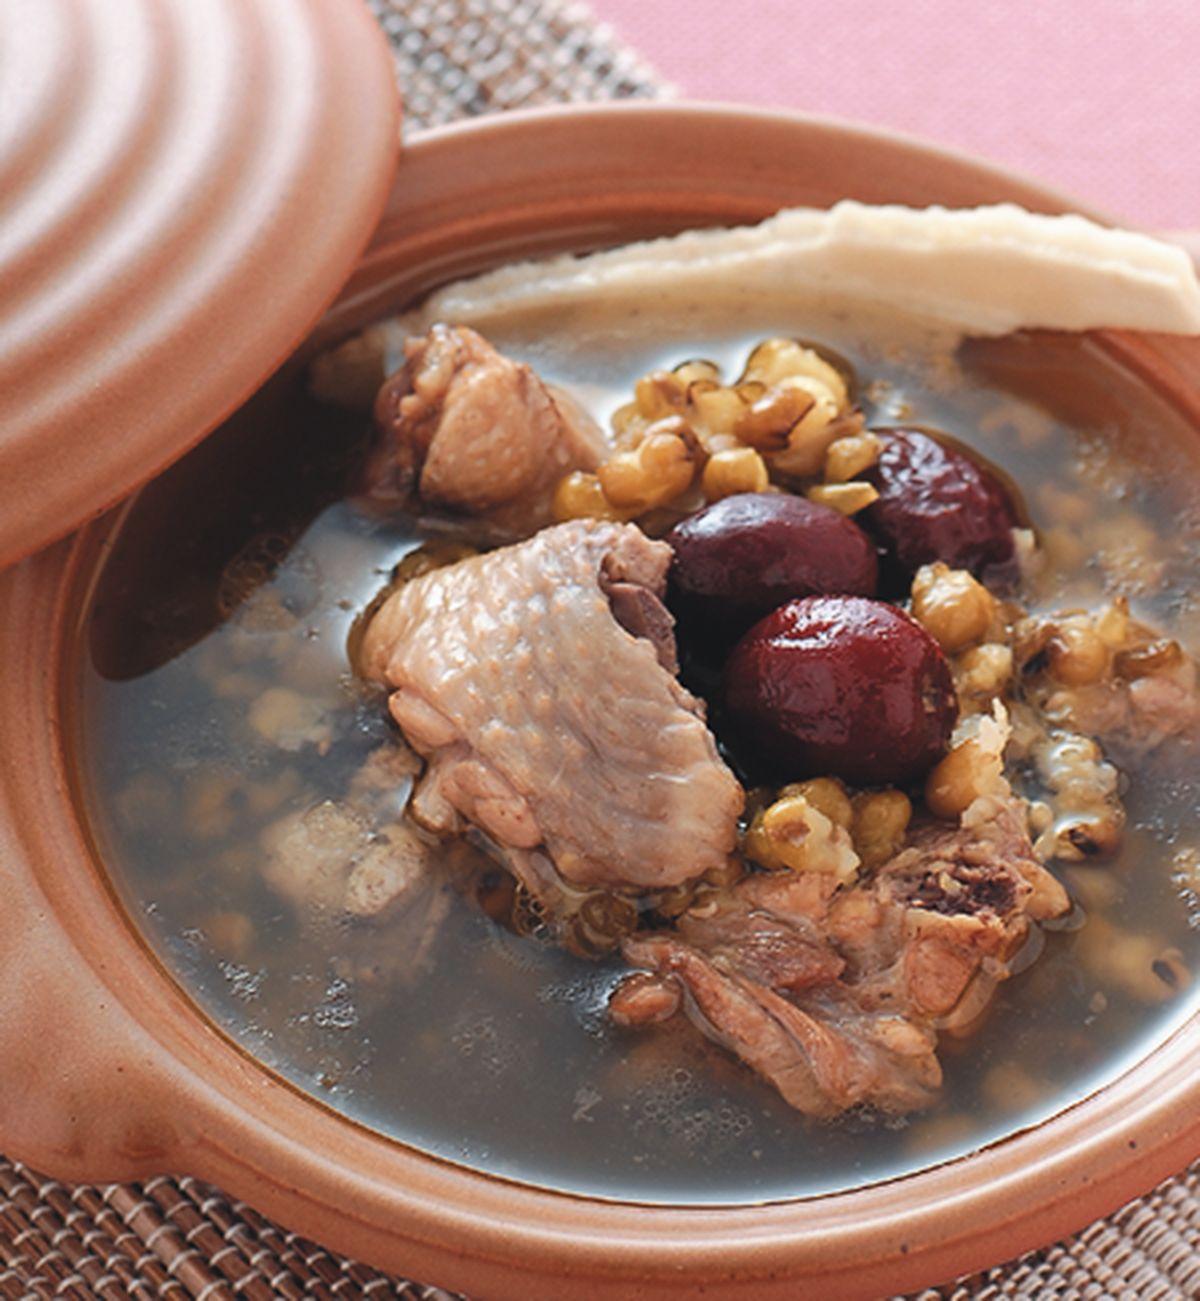 食譜:綠豆伏苓燉雞湯